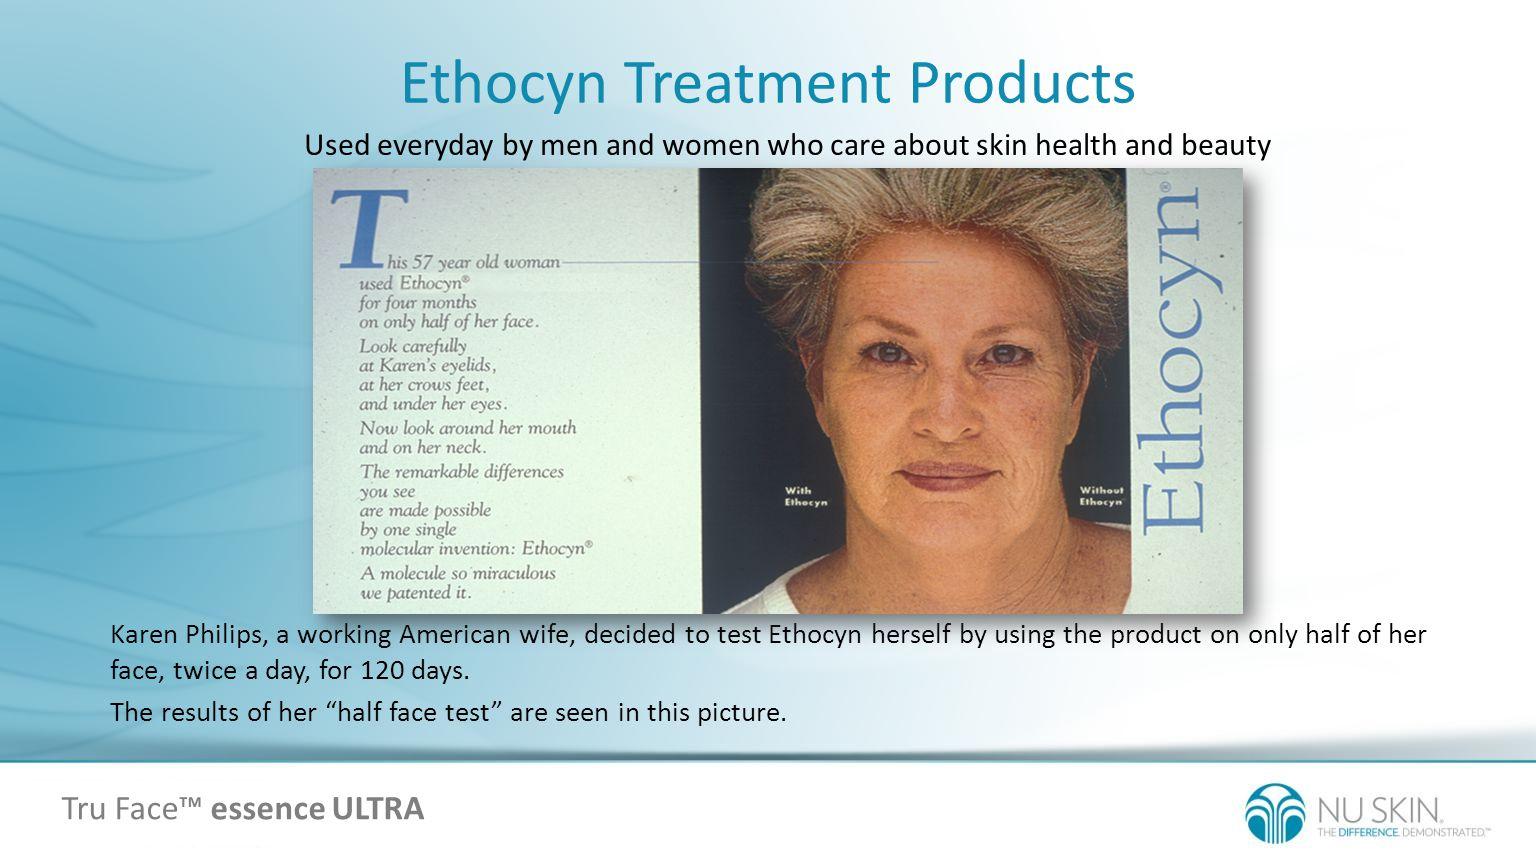 Ethocyn Treatment Products